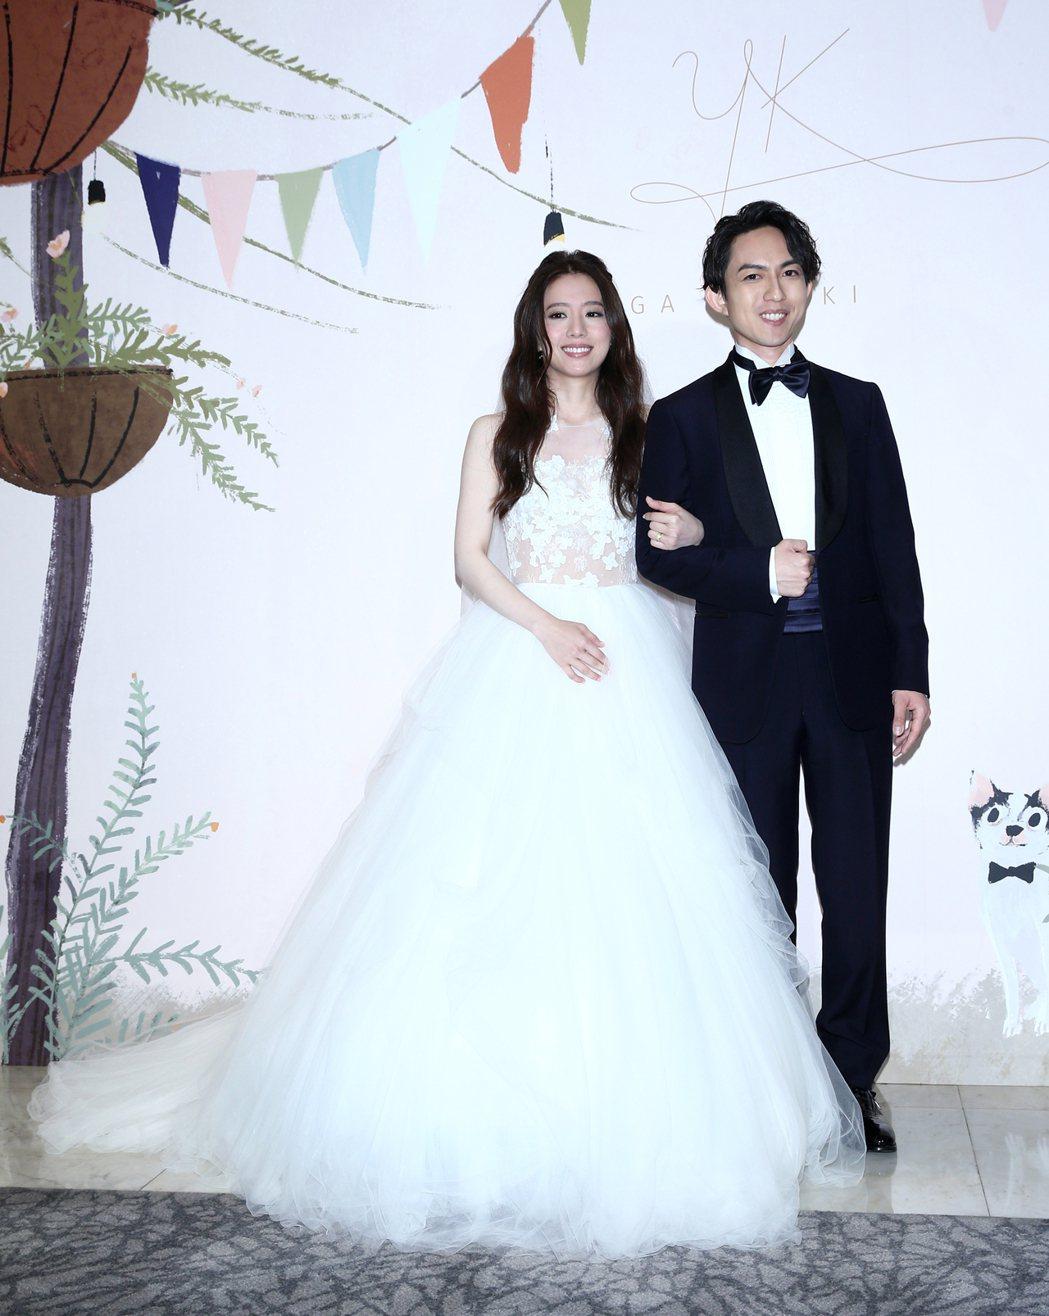 林宥嘉(右)與丁文琪(左)舉行婚禮,害羞的兩人難得公開接吻,只吻三個角度每次兩秒...